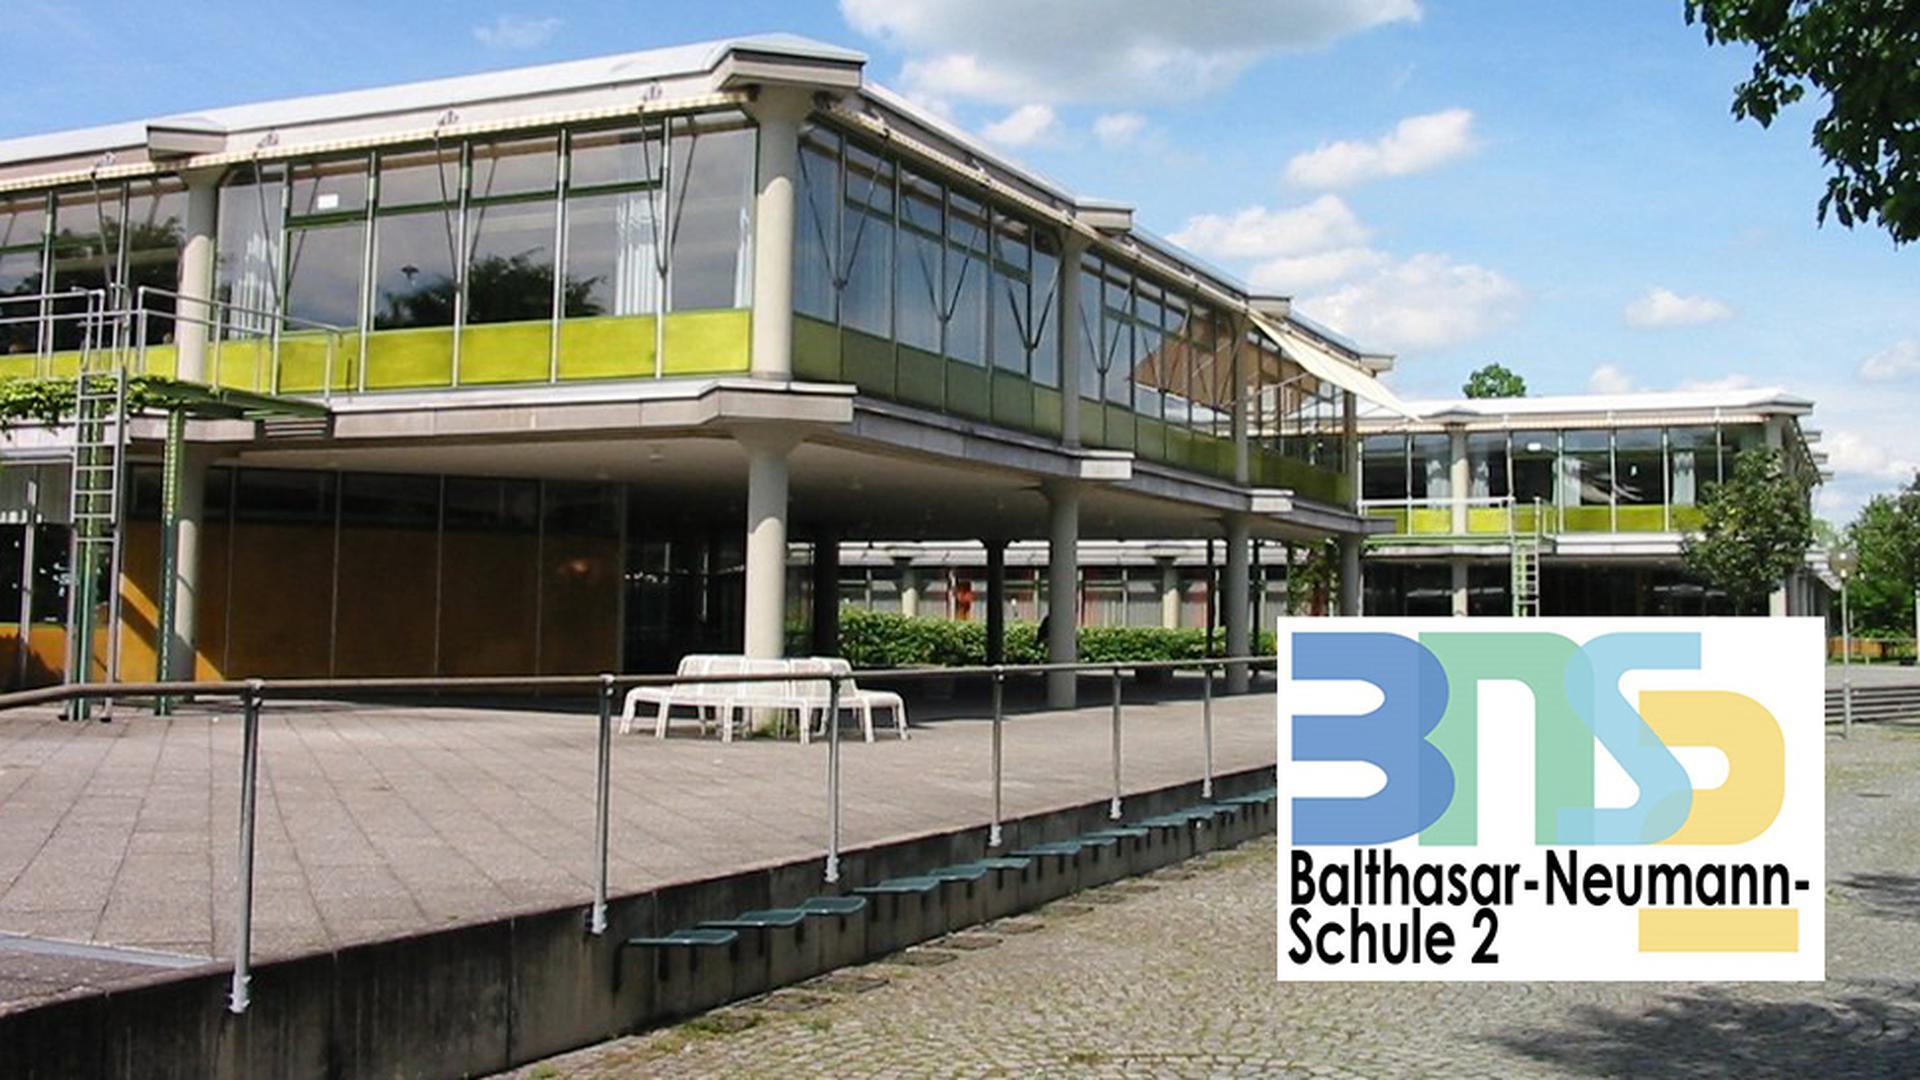 Ausbildung bei der Balthasar-Neumann-Schule 2